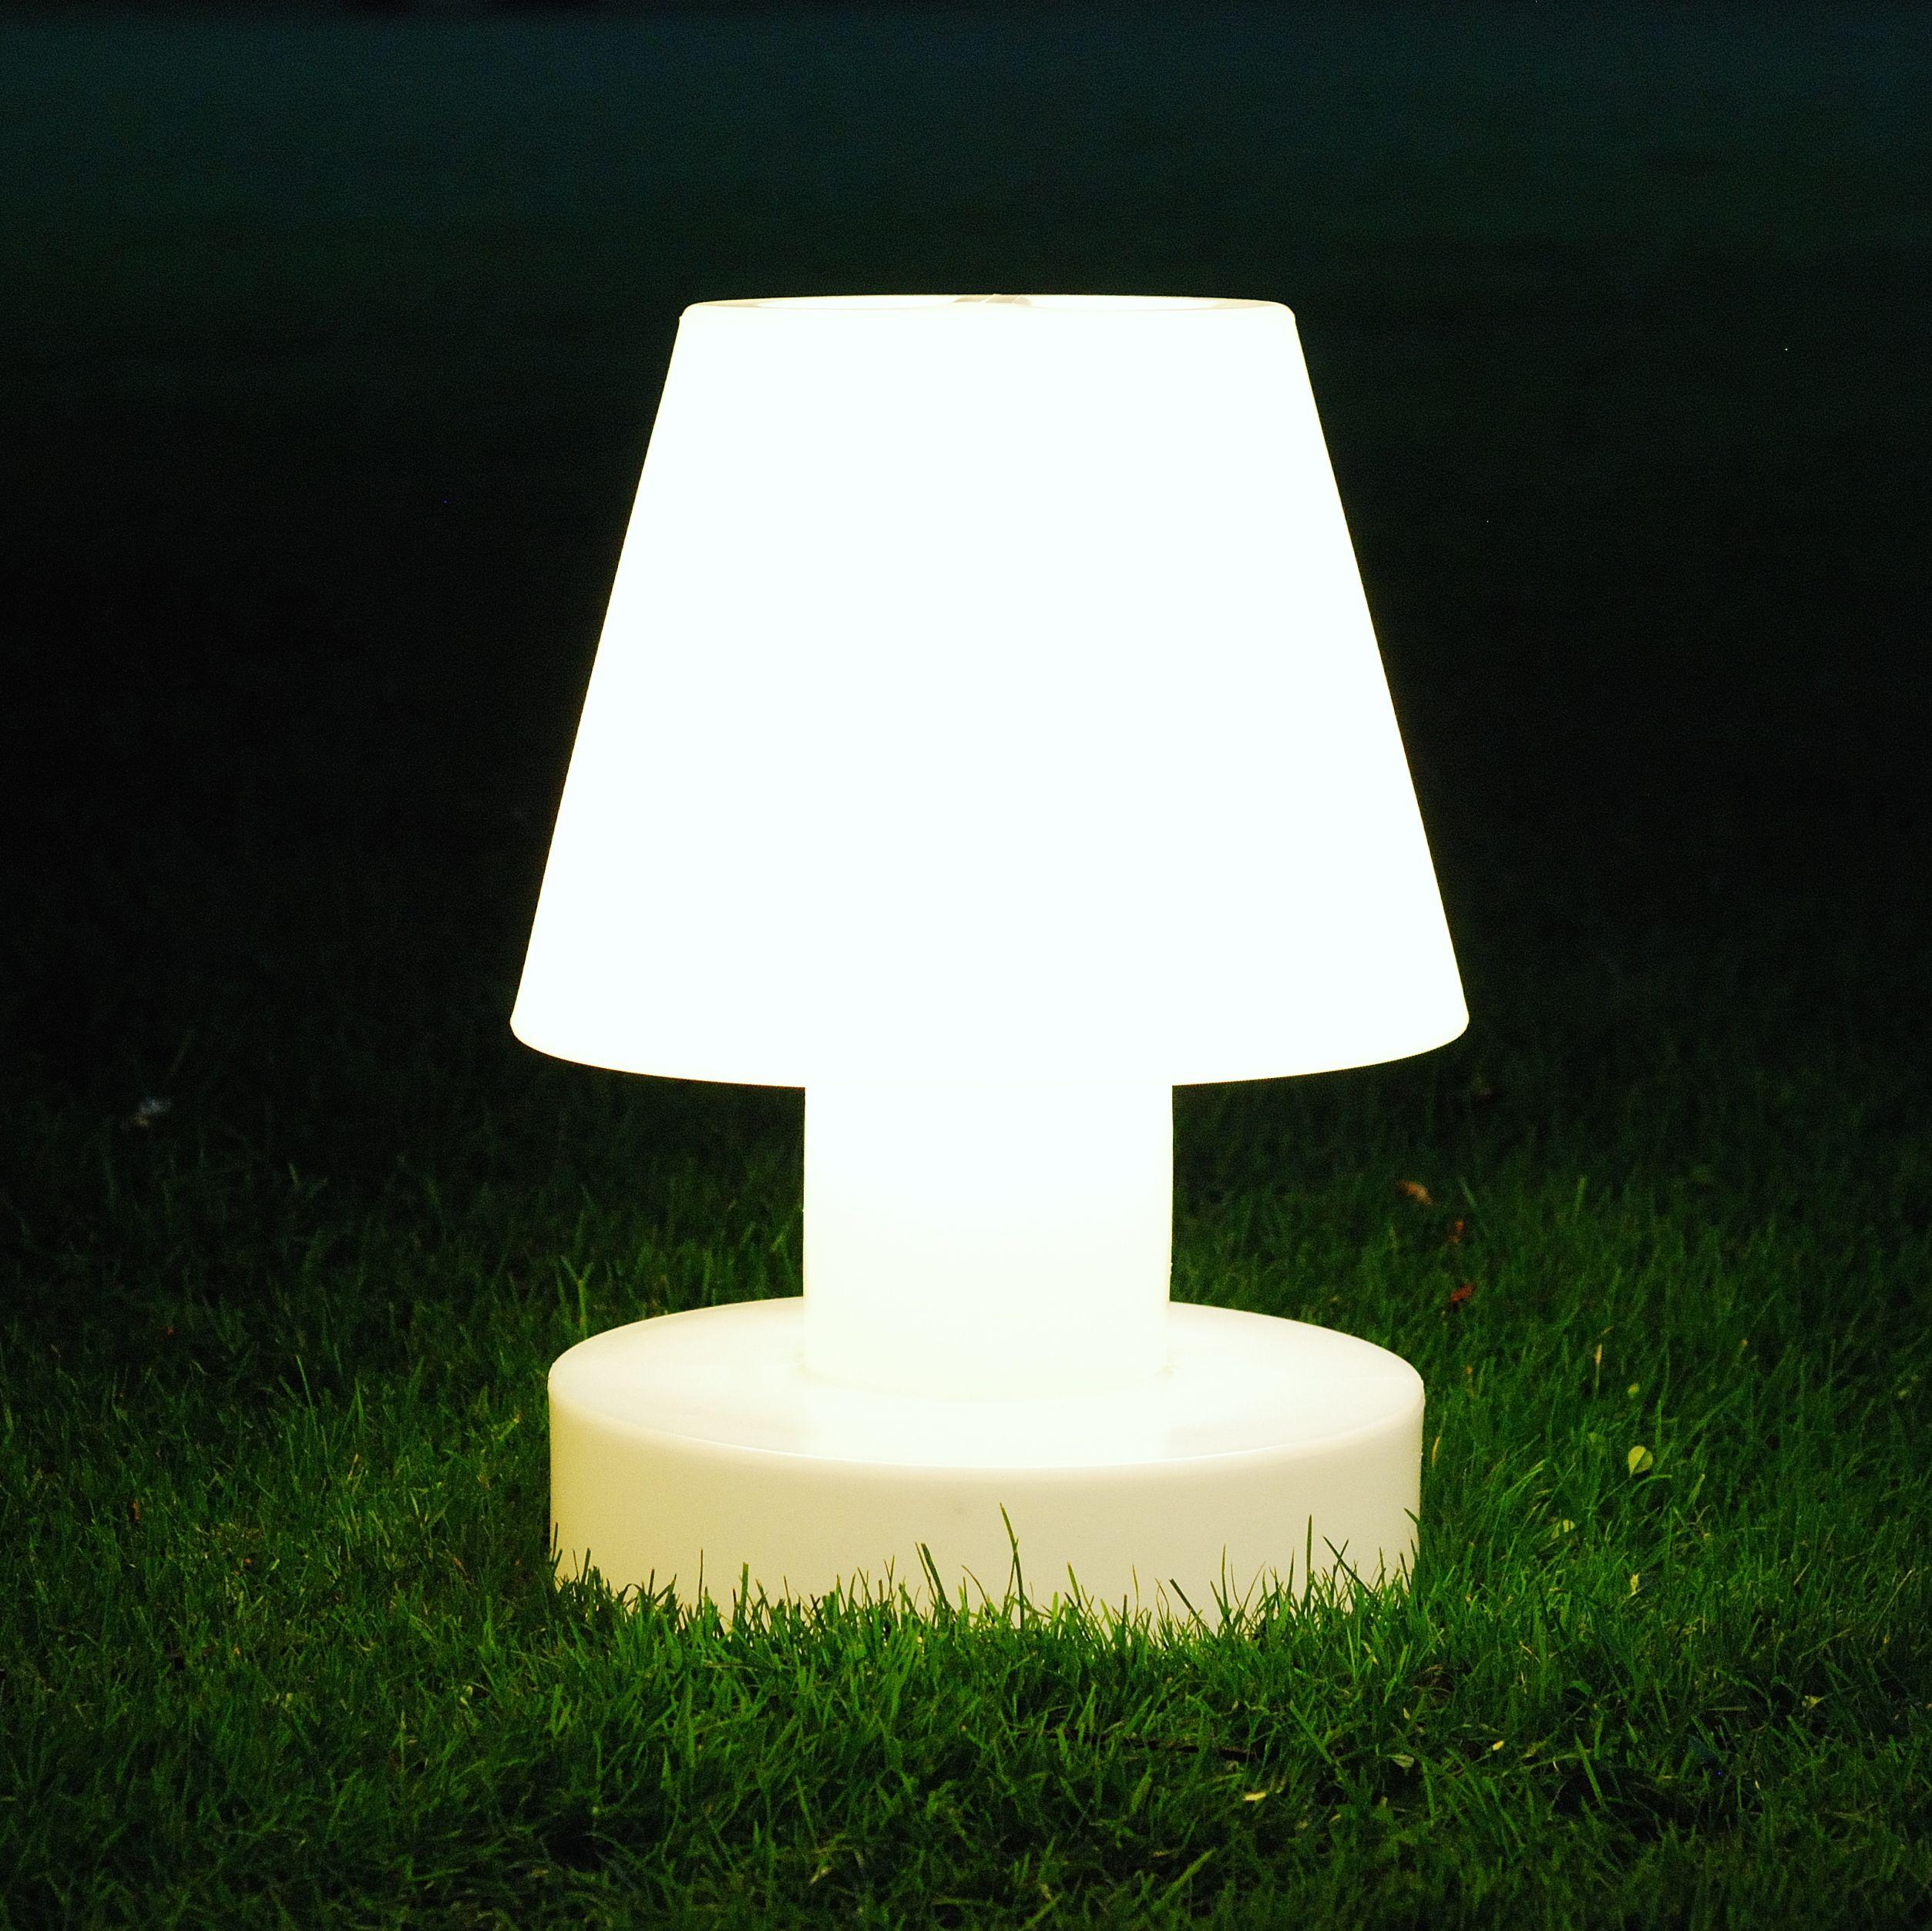 17b8779dc7b7bd5cea7a28e439b9f316 Résultat Supérieur 60 Luxe Lampe De Table Sans Fil Photos 2018 Kdh6